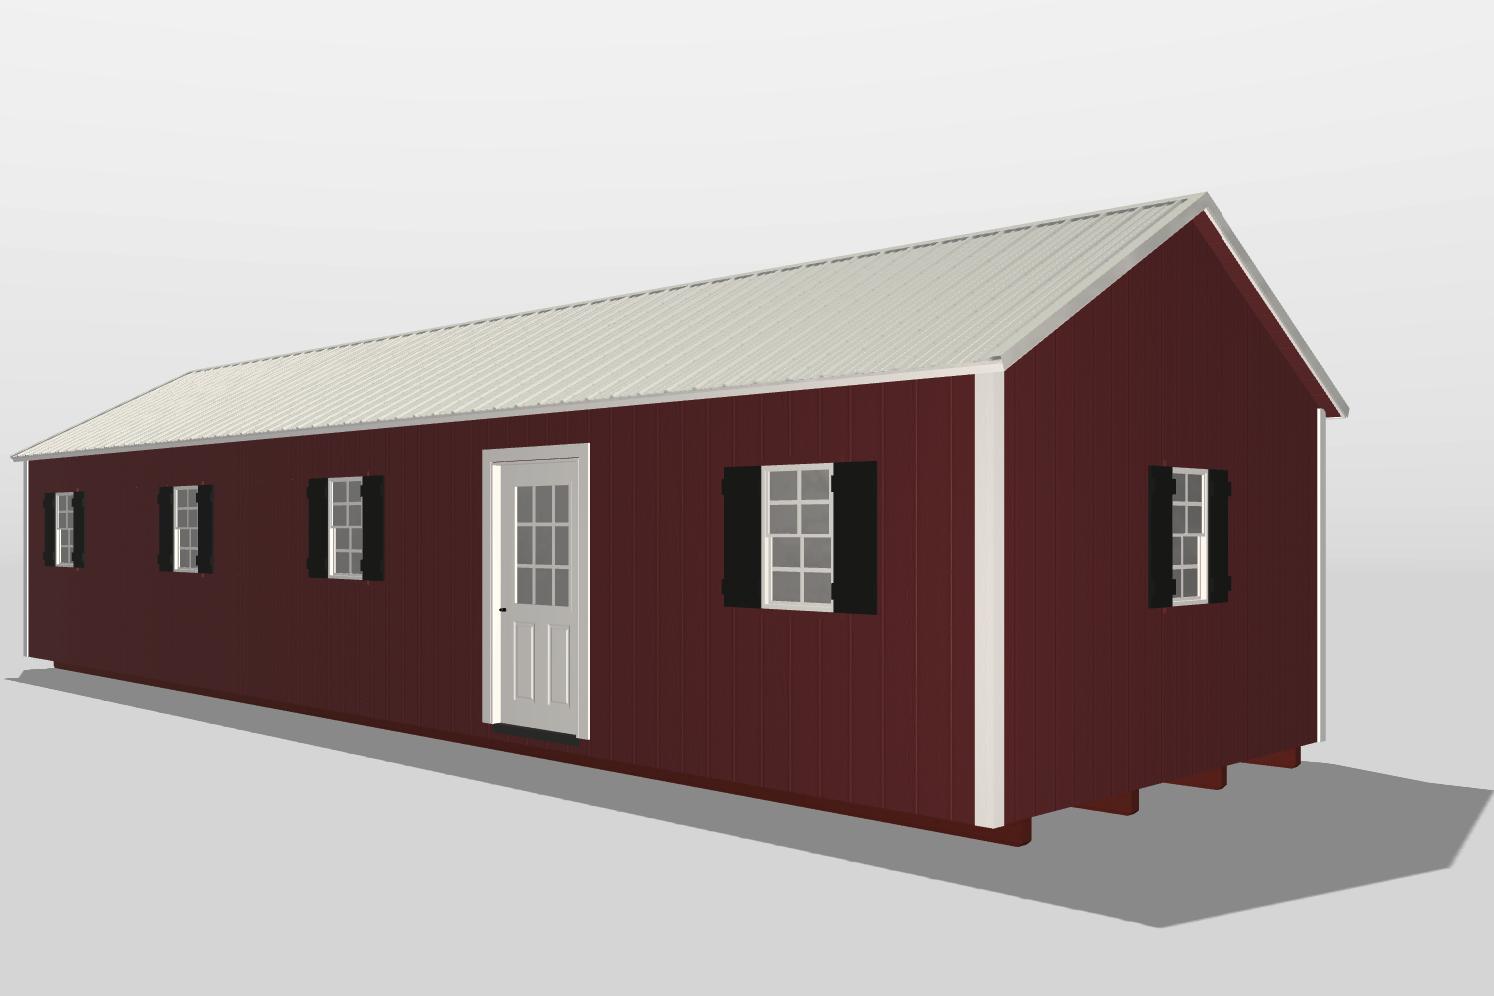 14x40 shed house vidalia ga